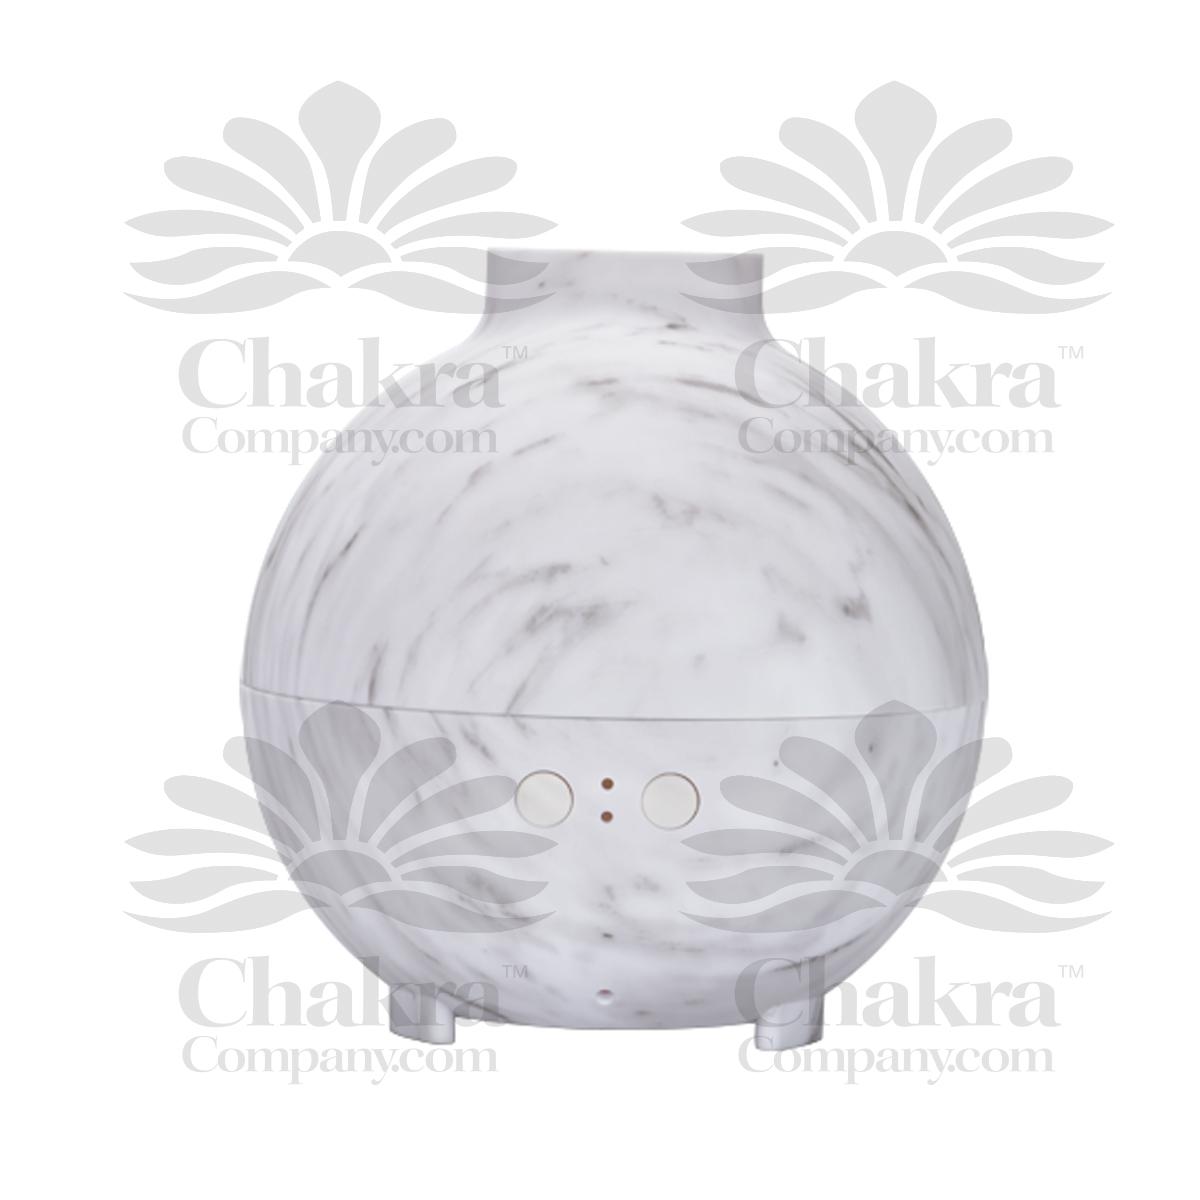 Zen Marble Diffuser